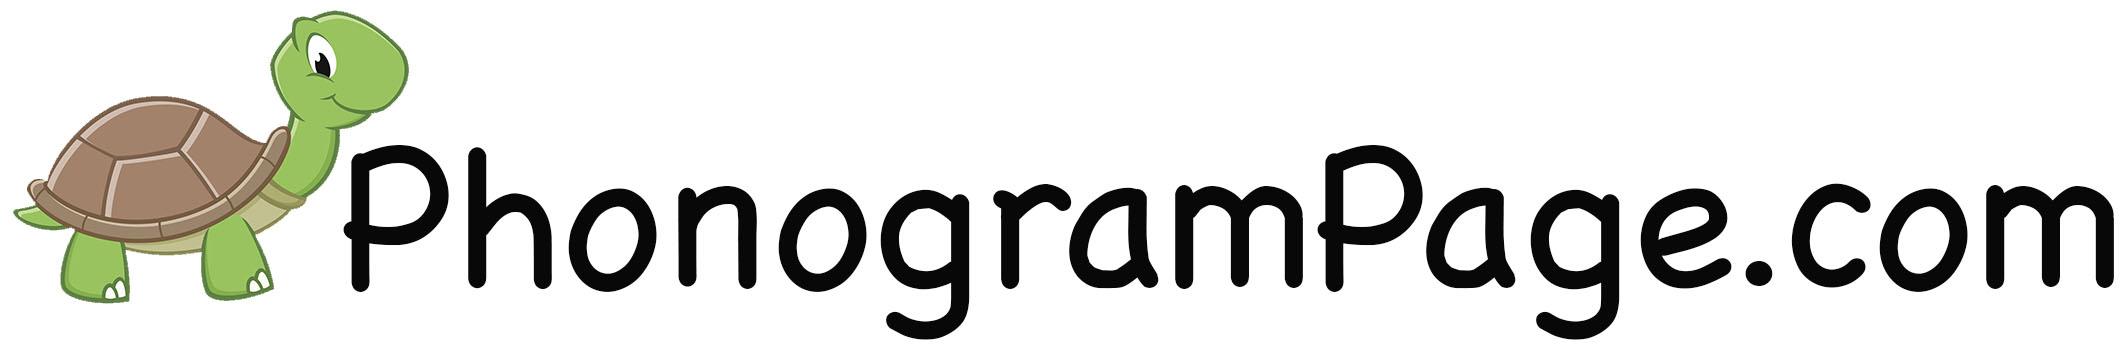 Phonogram Page